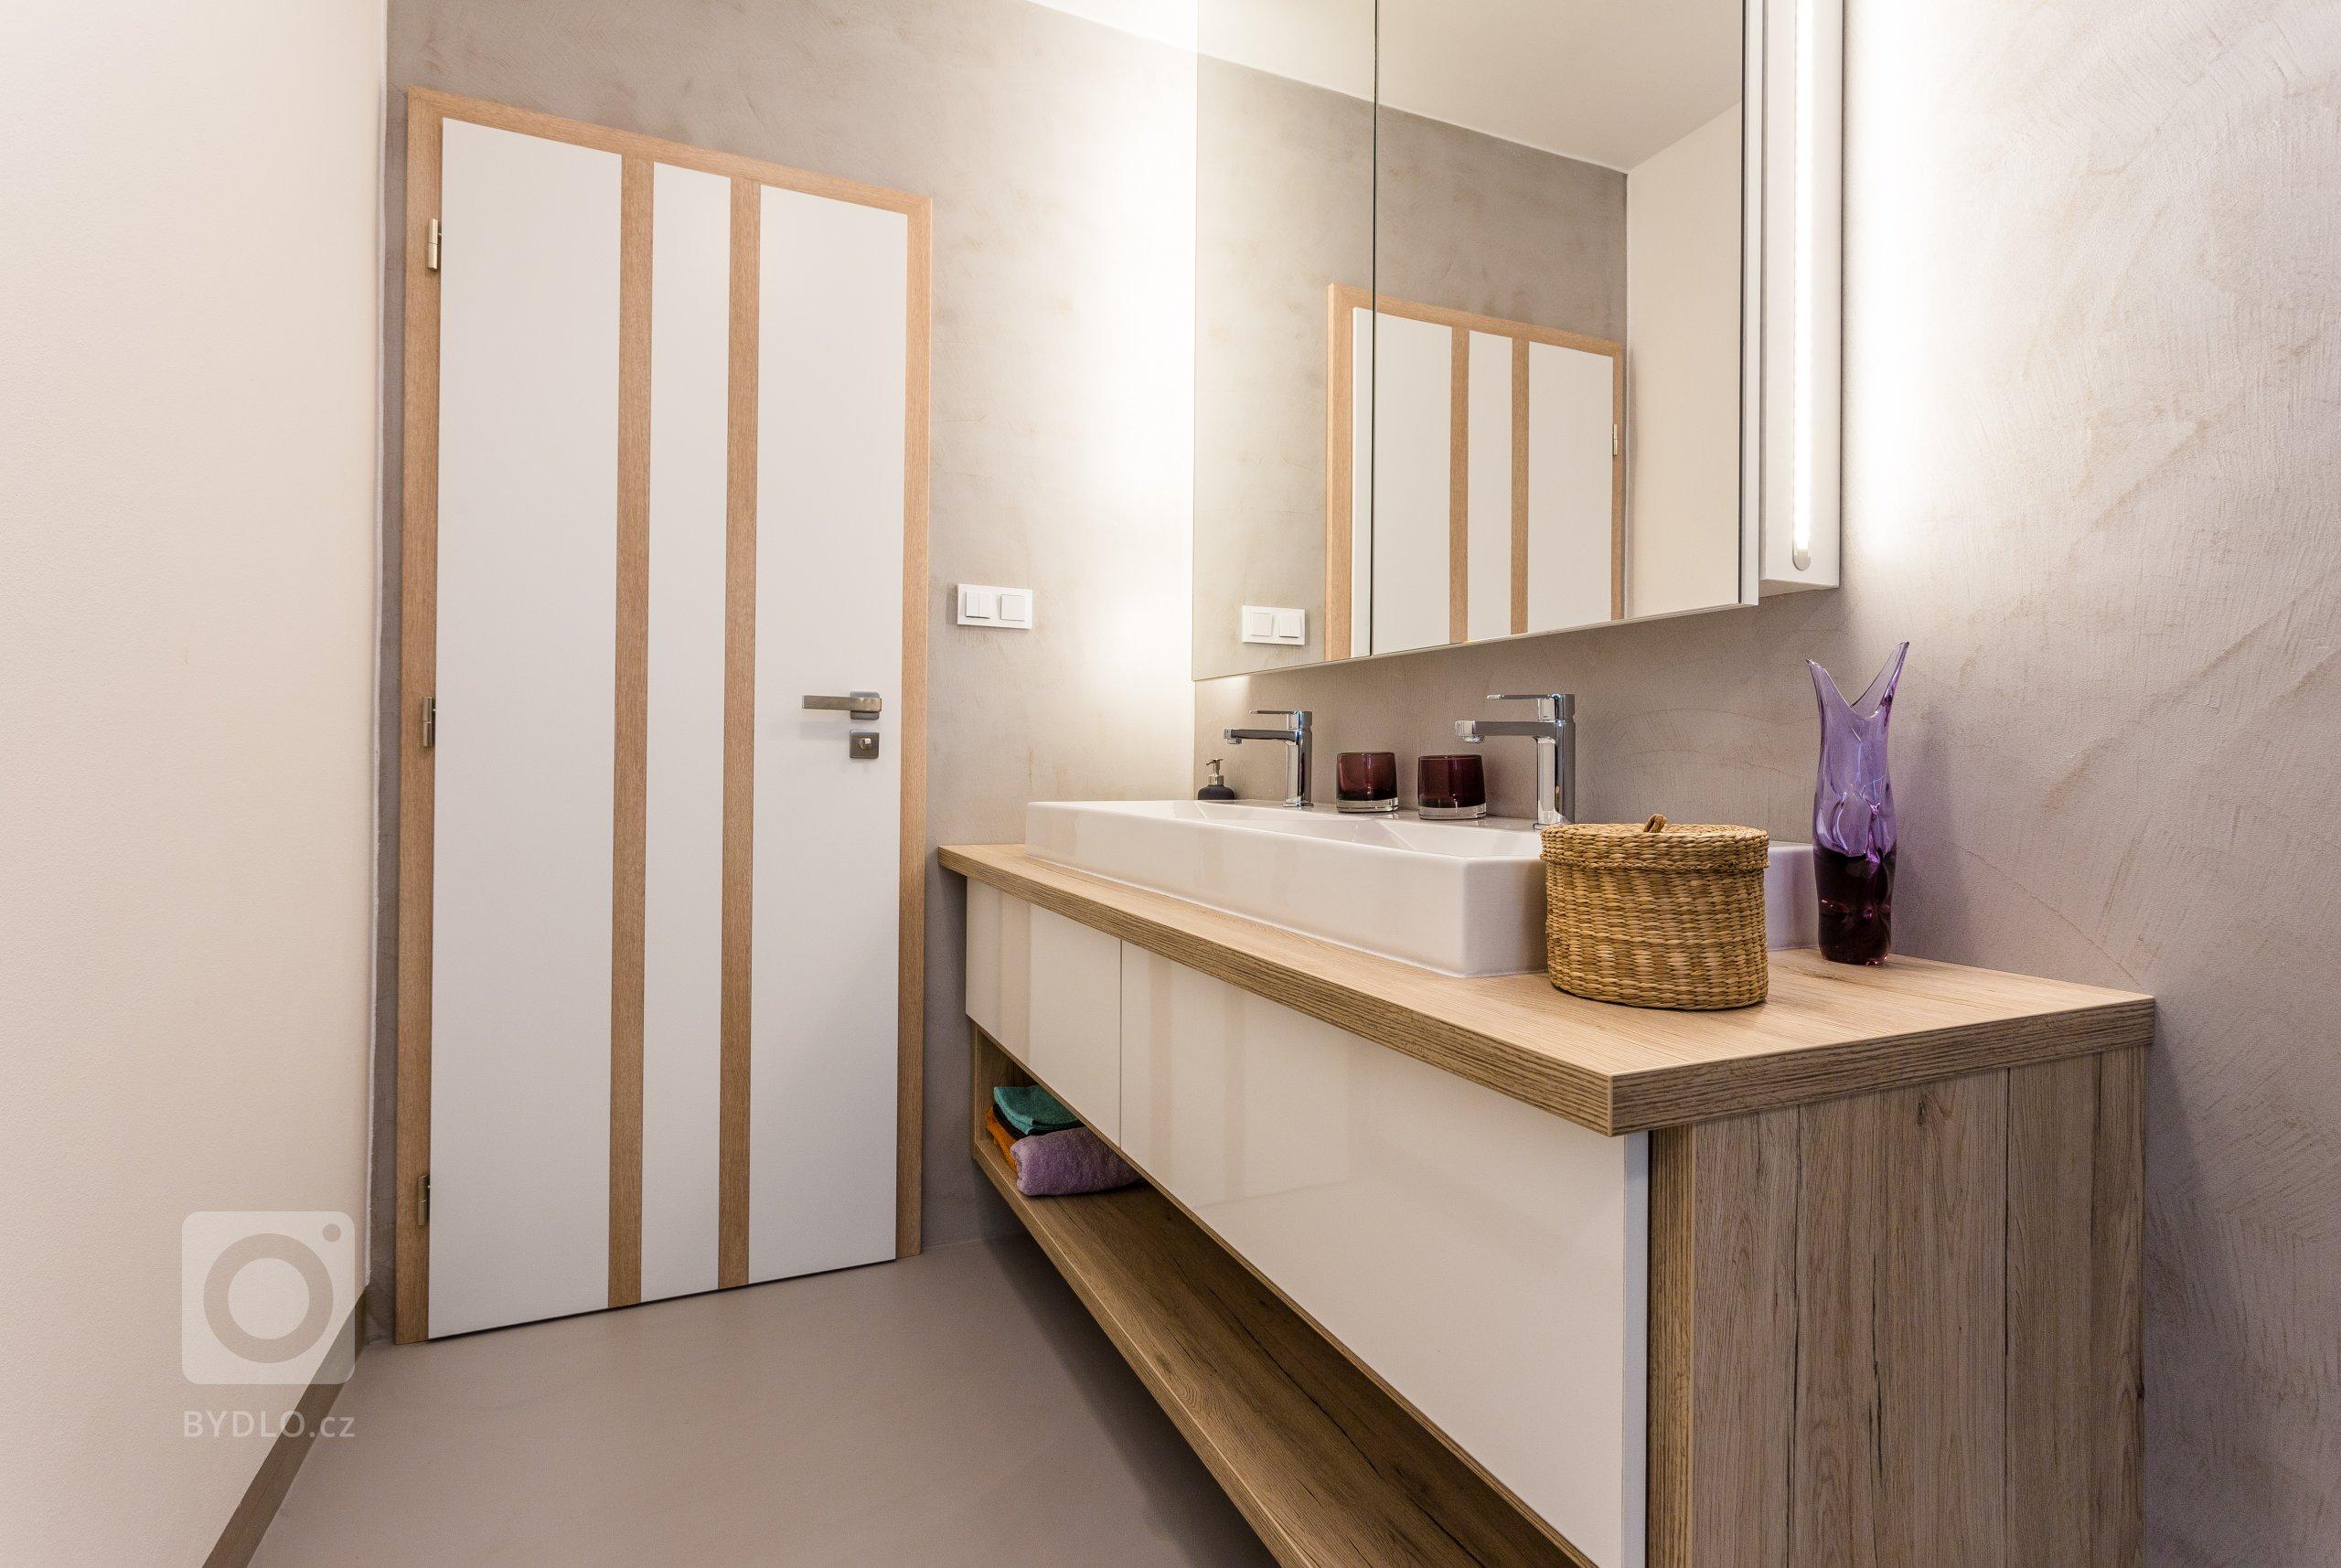 Interiér s nádechem skandinávského stylu. Nábytek včetně pohovky vyroben na zakázku. Pracovní deska z extrémně odolné velkoformátové keramiky Neolith,…